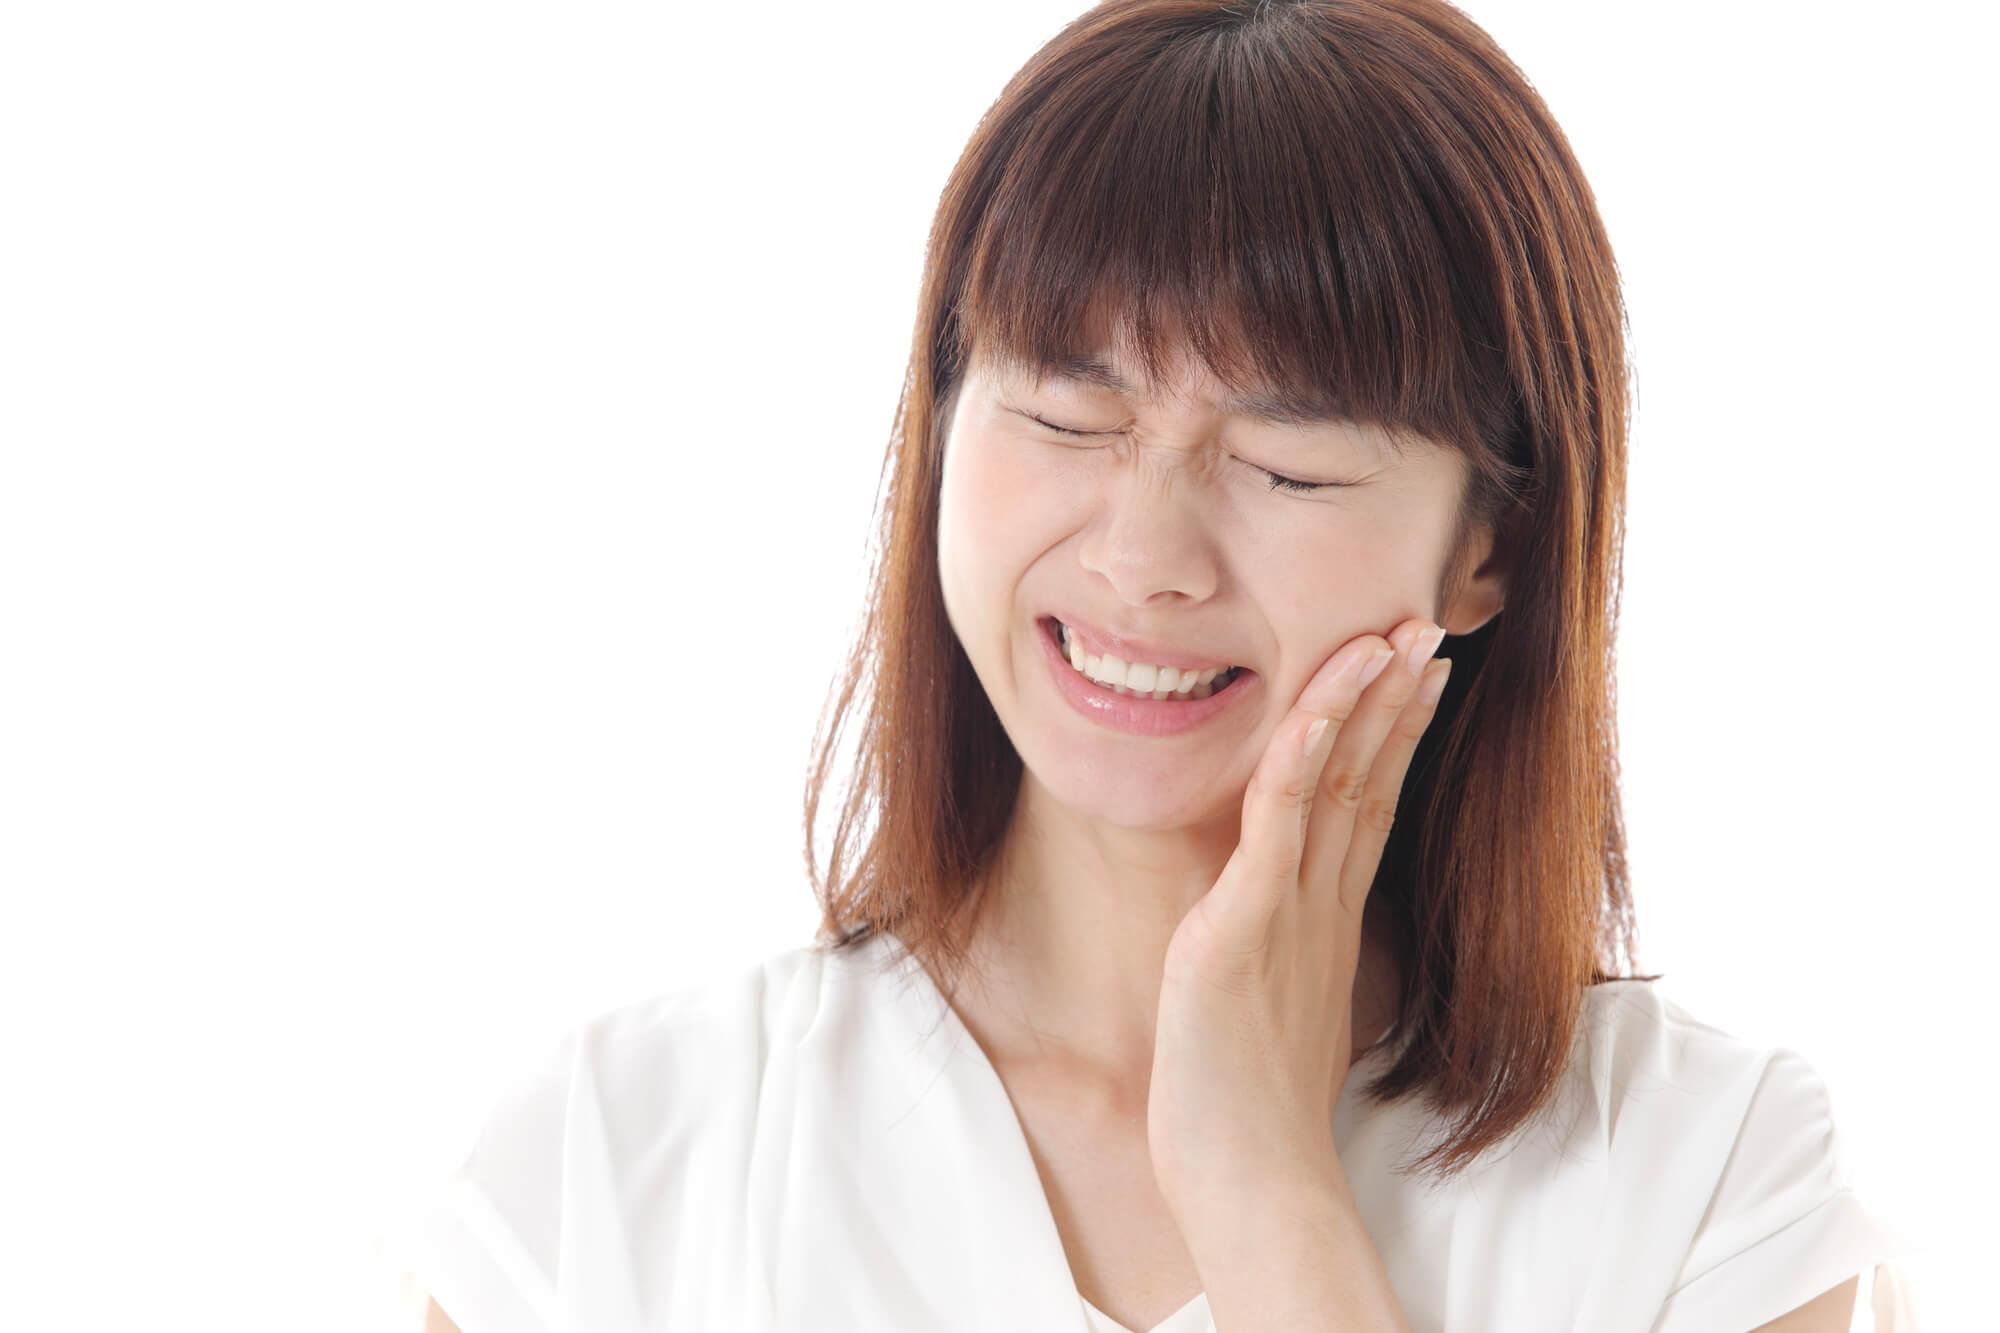 治療 後 激痛 虫歯